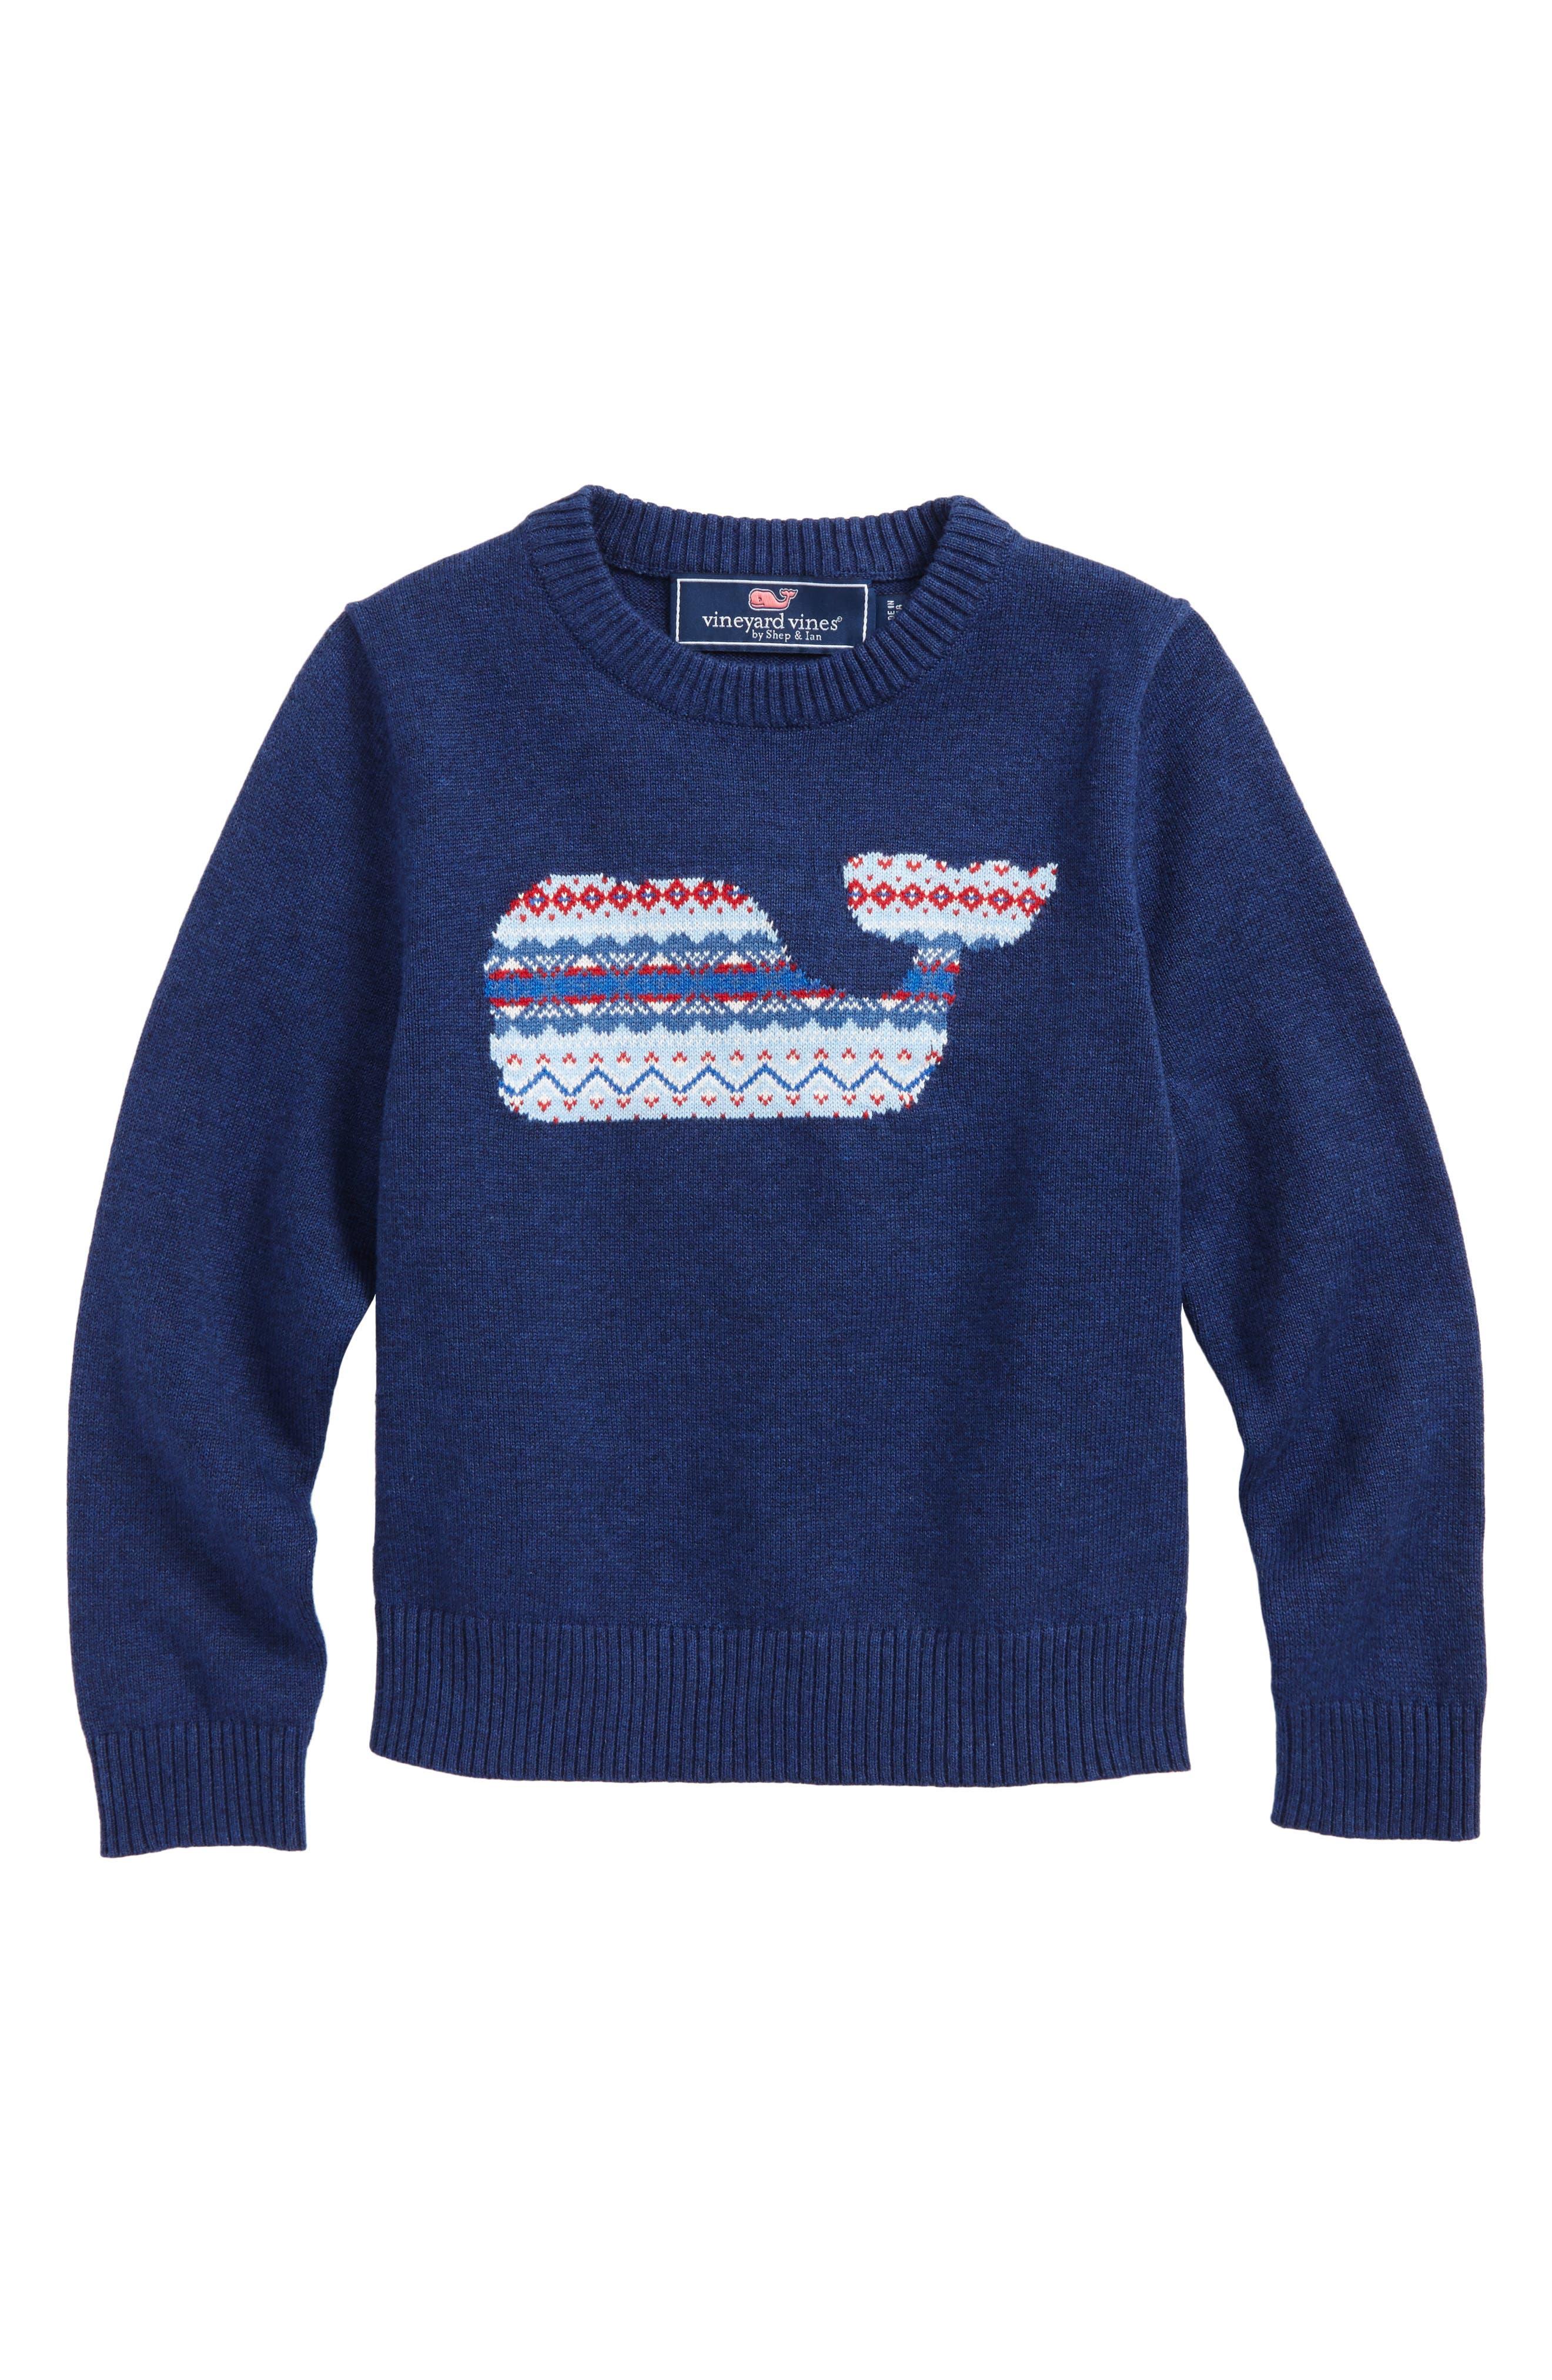 Whale Isle Intarsia Sweater,                         Main,                         color, 400